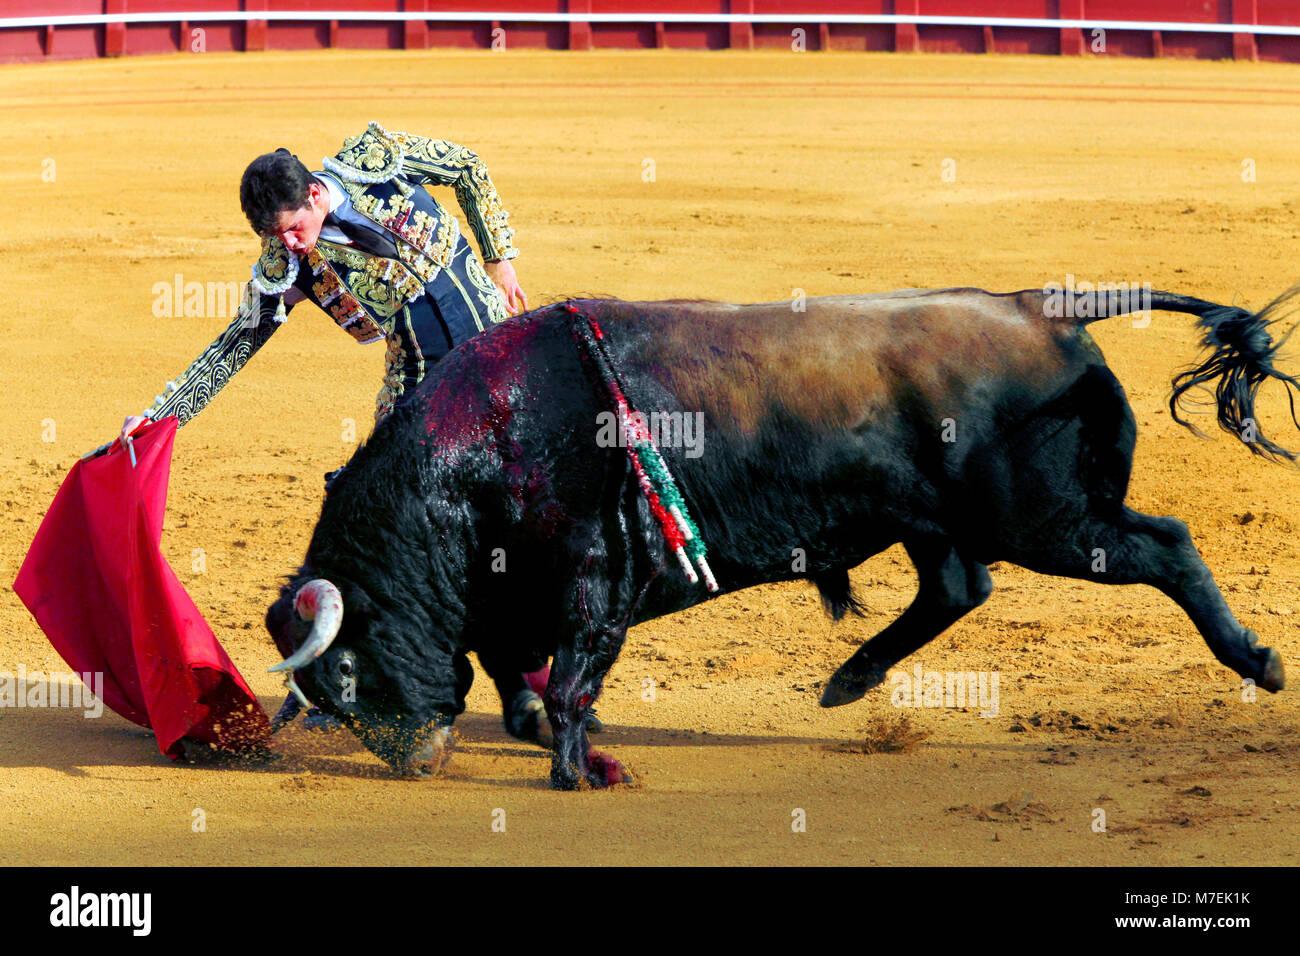 Bullfight during Feria de Abril Seville Fair, Plaza de toros de la Real Maestranza de Caballería de Sevilla - Stock Image